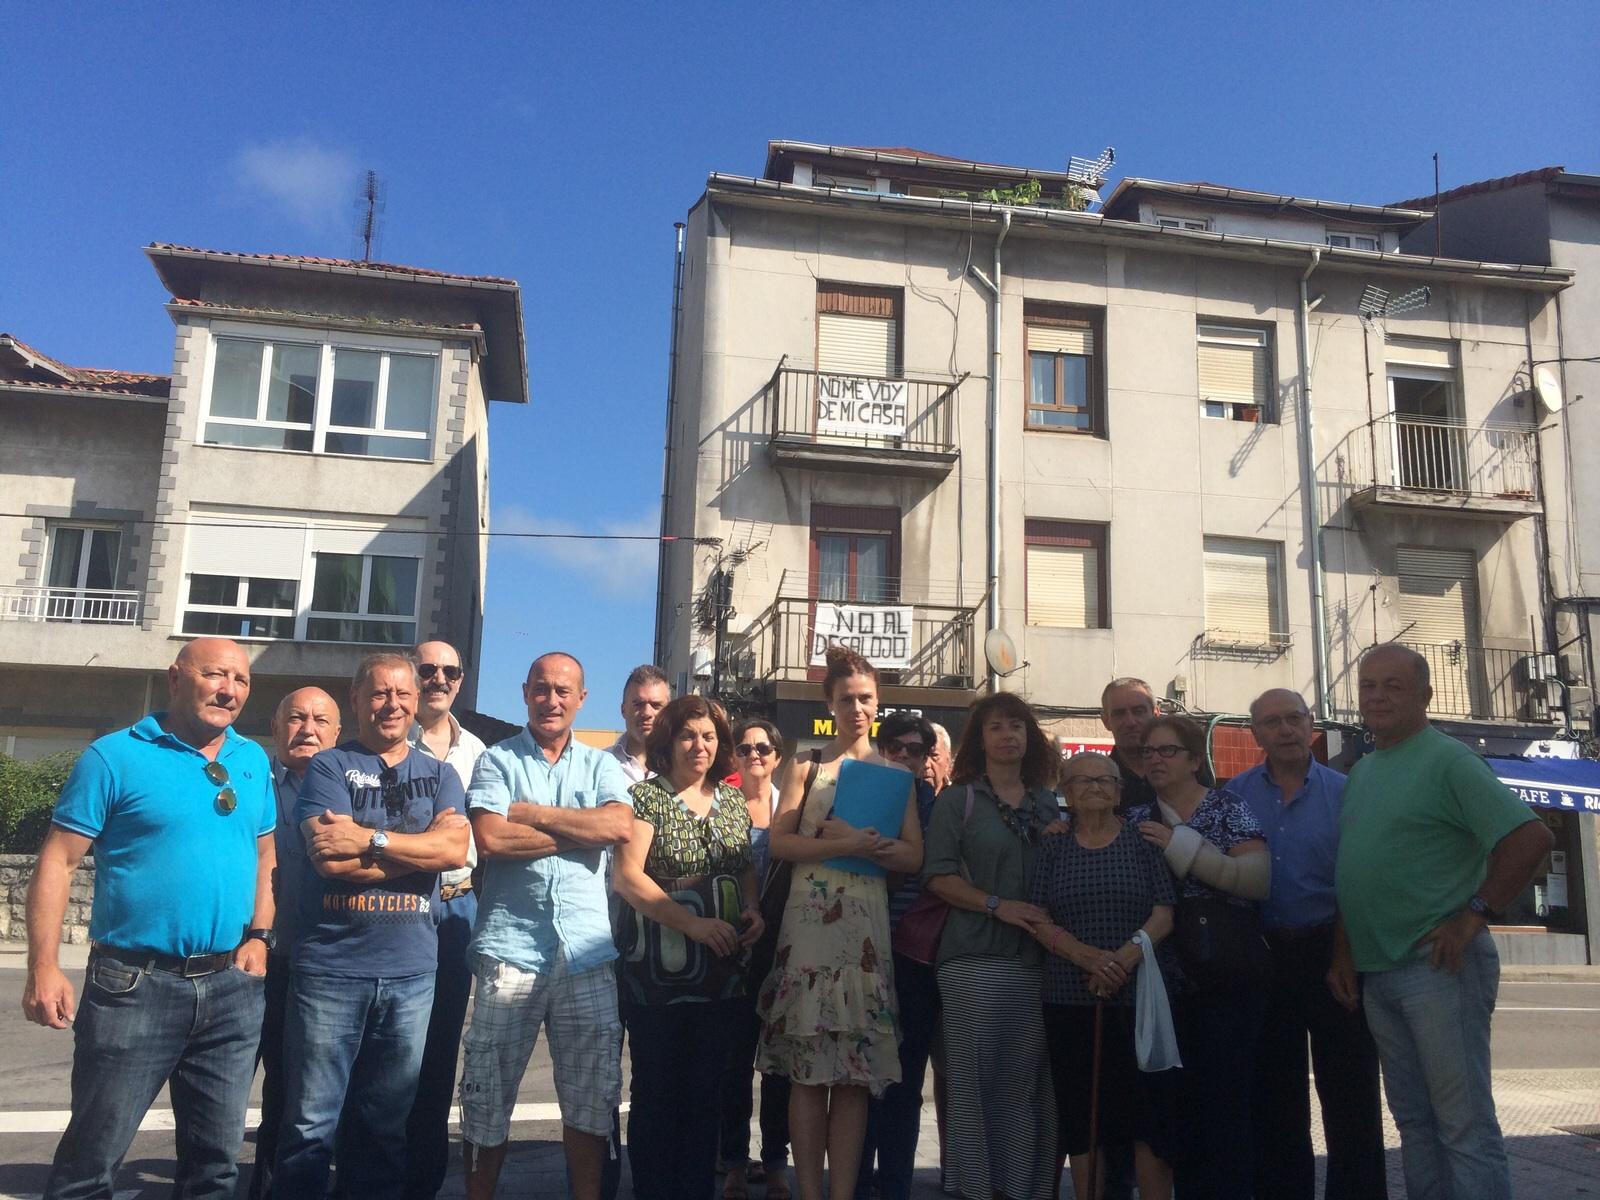 Los vecinos del Pilón ante las viviendas afectadas por el plan urbanísitco